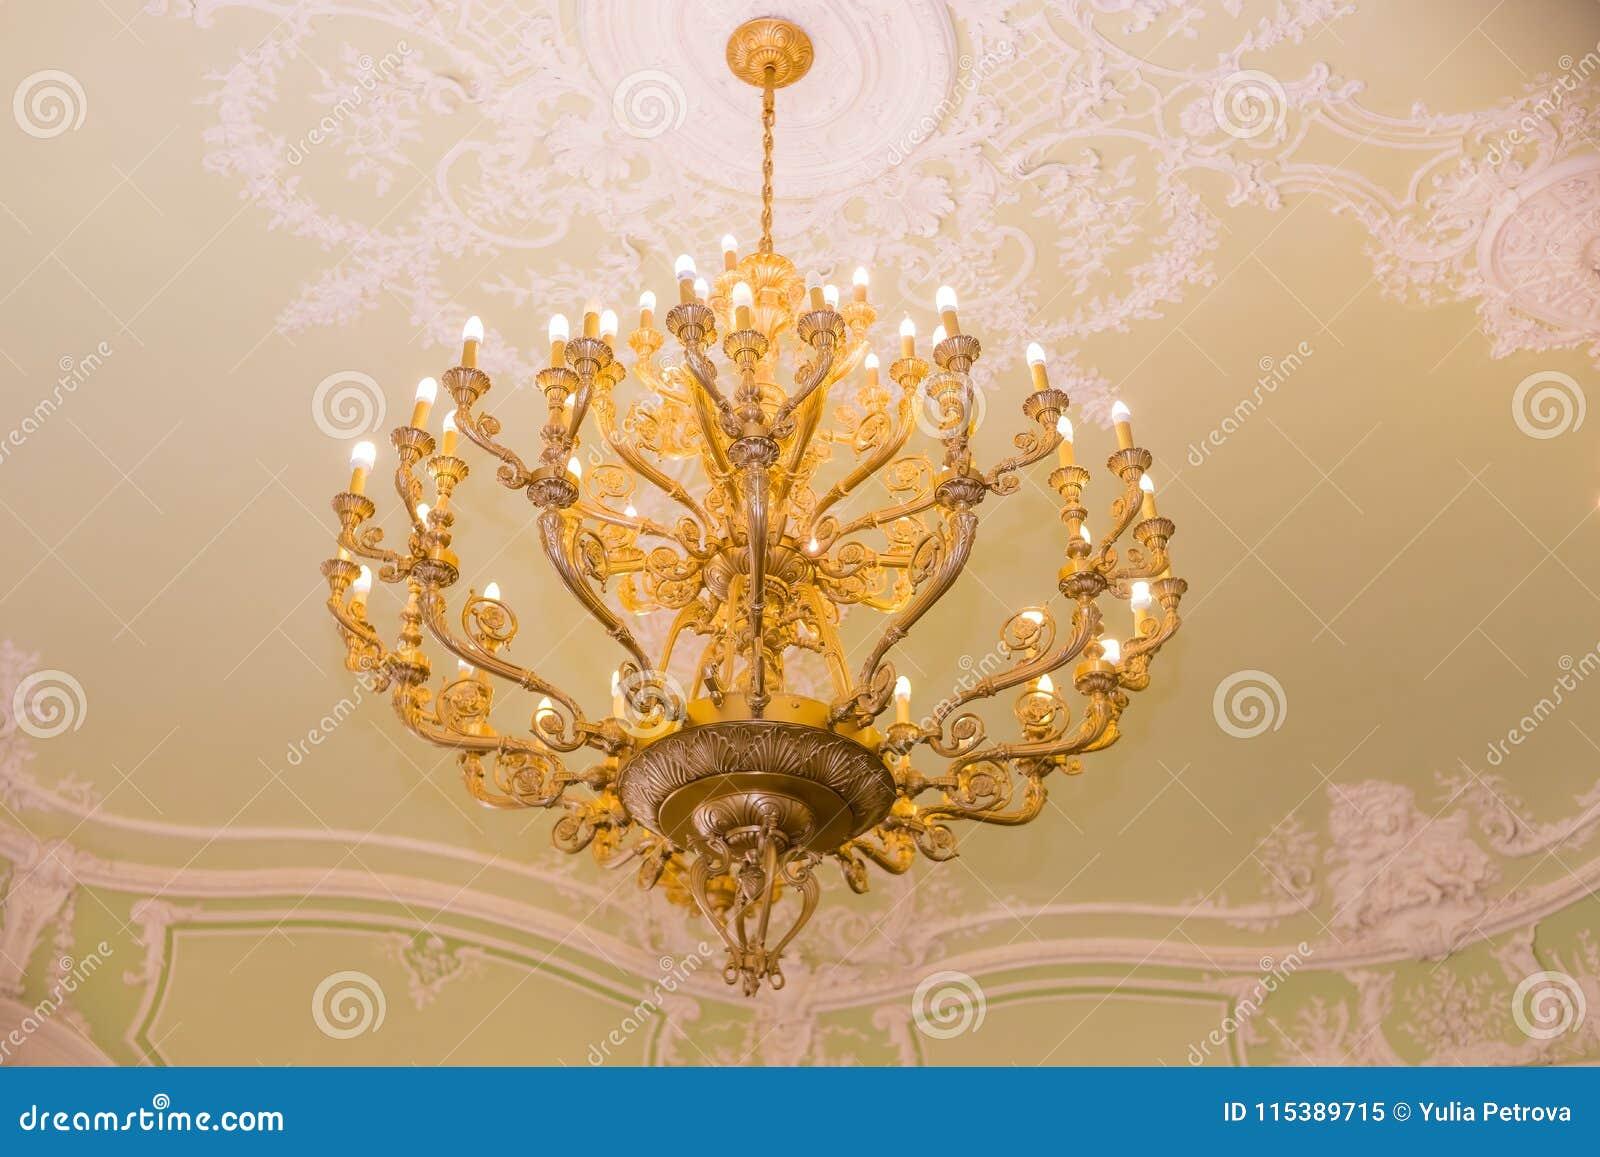 Cristalina Elegante Del Vintage Lámpara Lámpara Colgante Del zMSUVpq